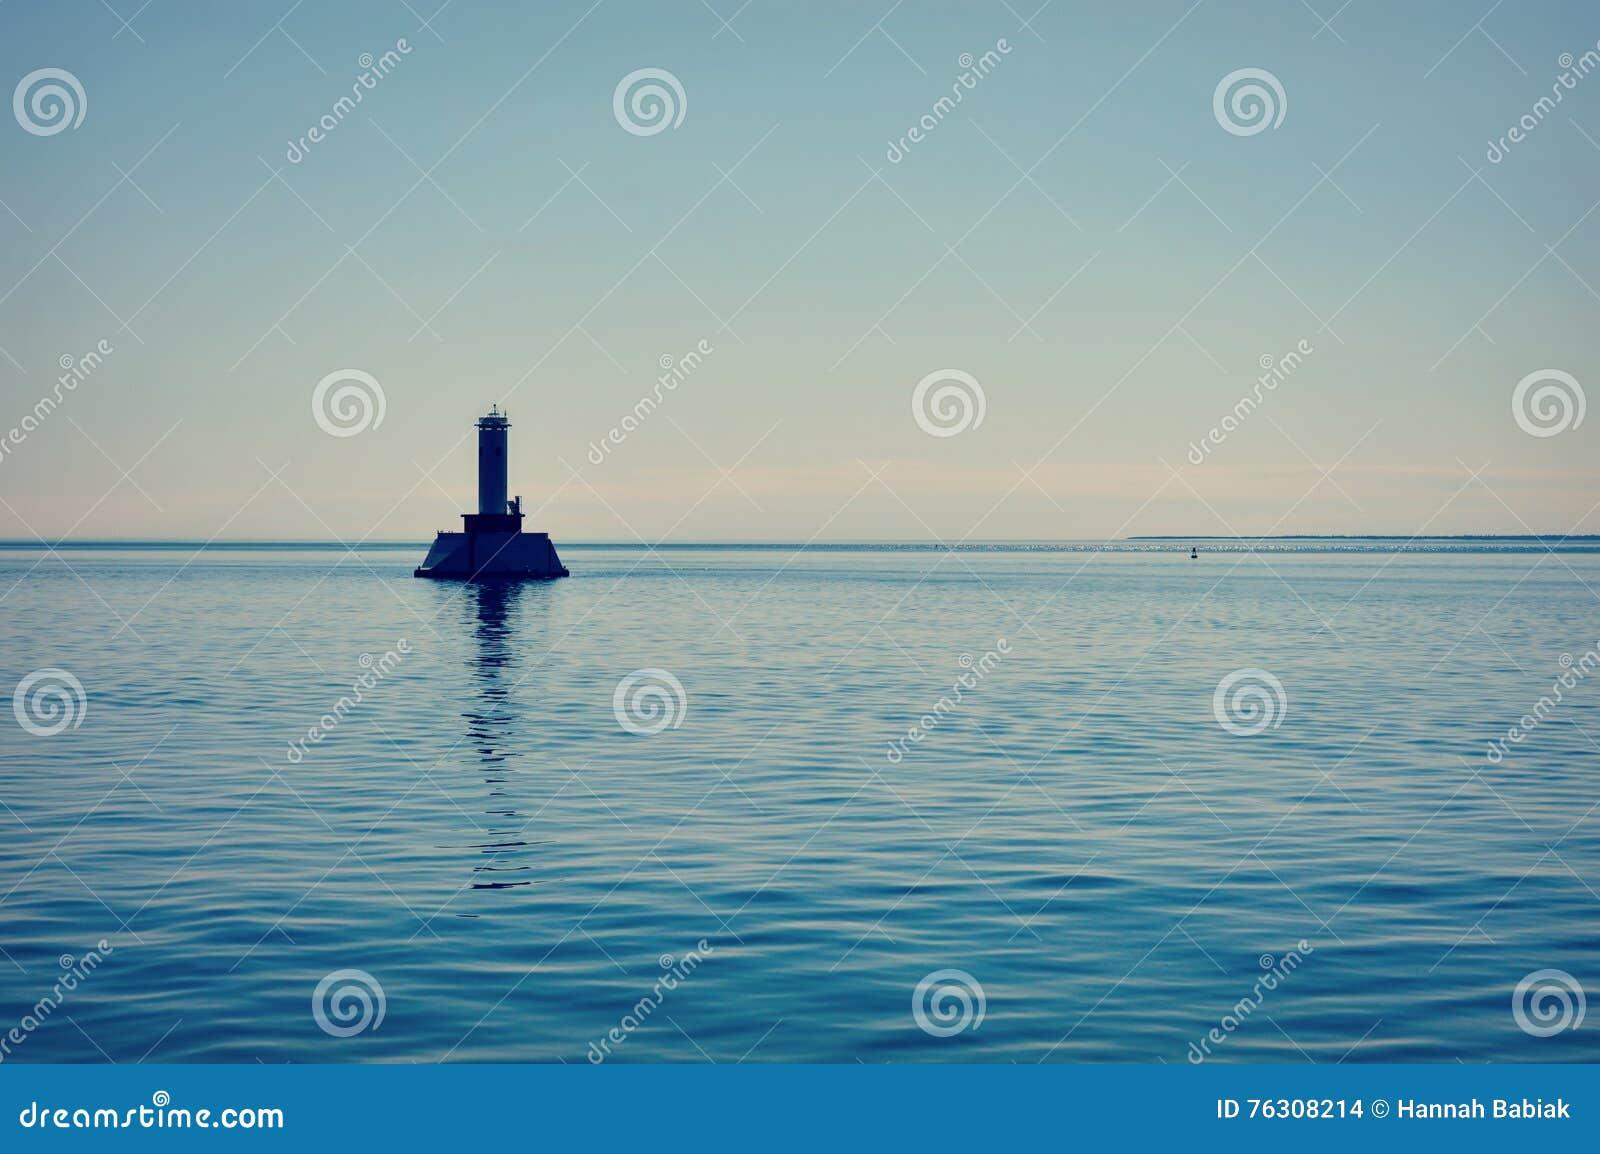 Round Island Passage Lighthouse, Lake Michigan